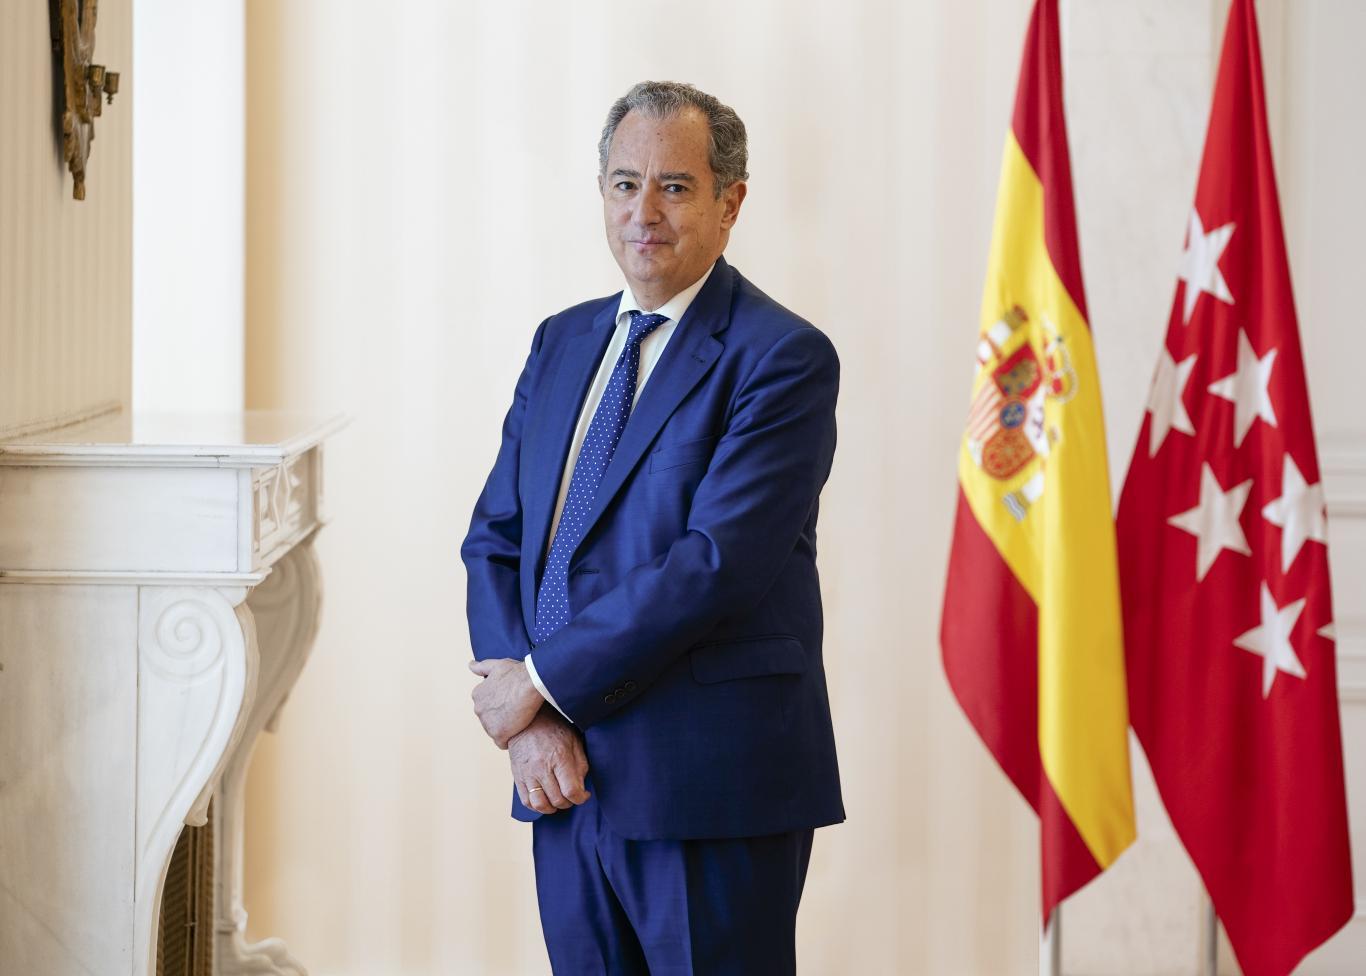 Enrique Ossorio oficial